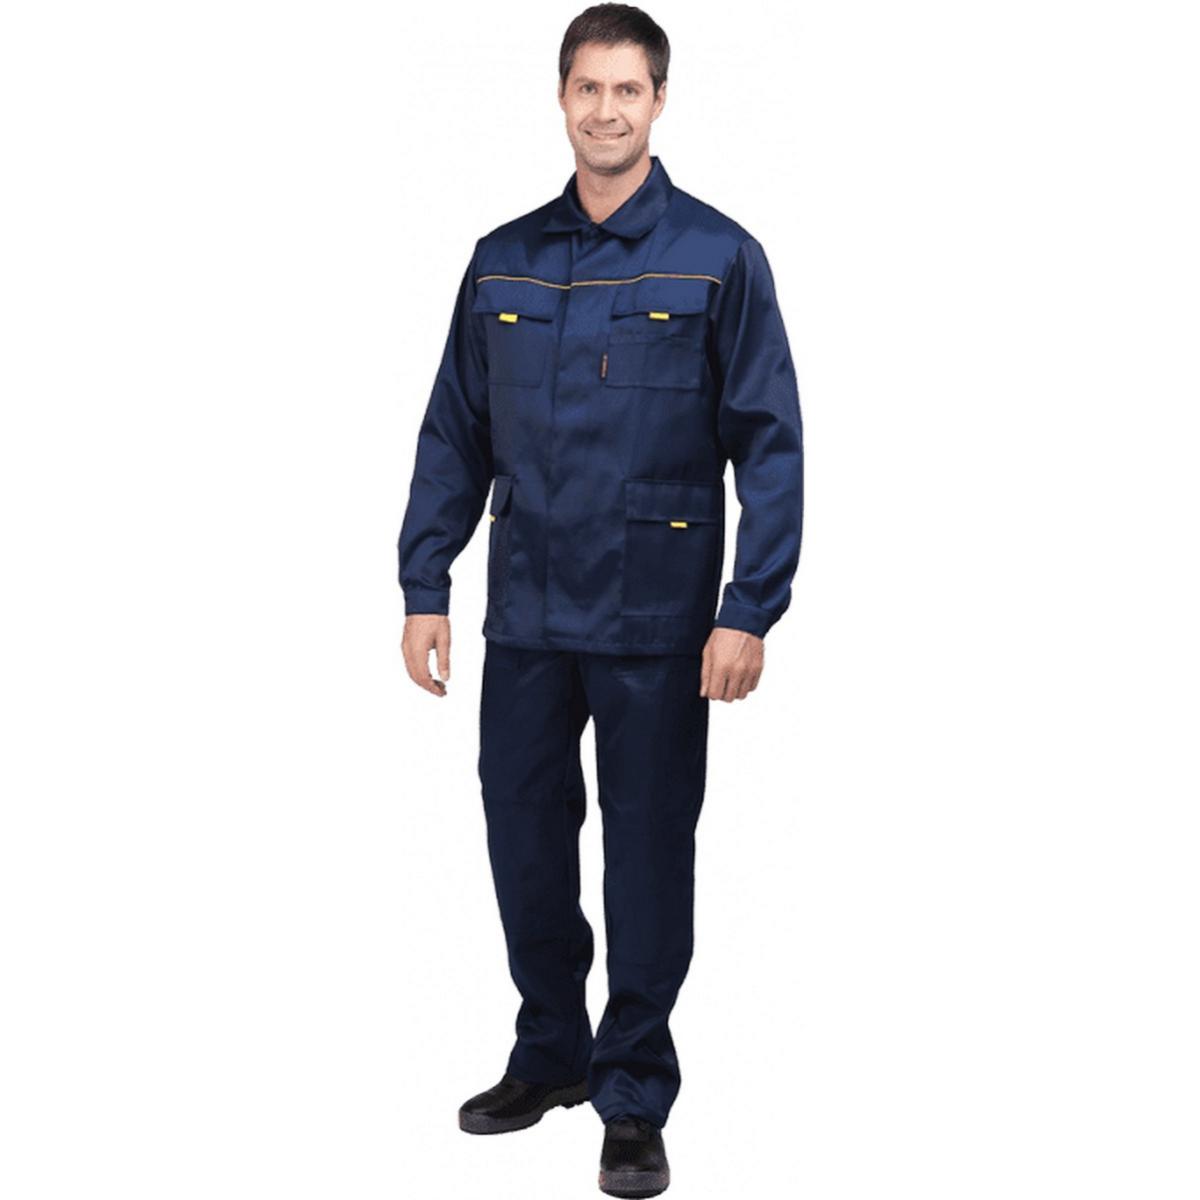 Костюм ВЫМПЕЛ-2 т/синий (куртка+п/к)  (разм. 96-100 рост 170-176)